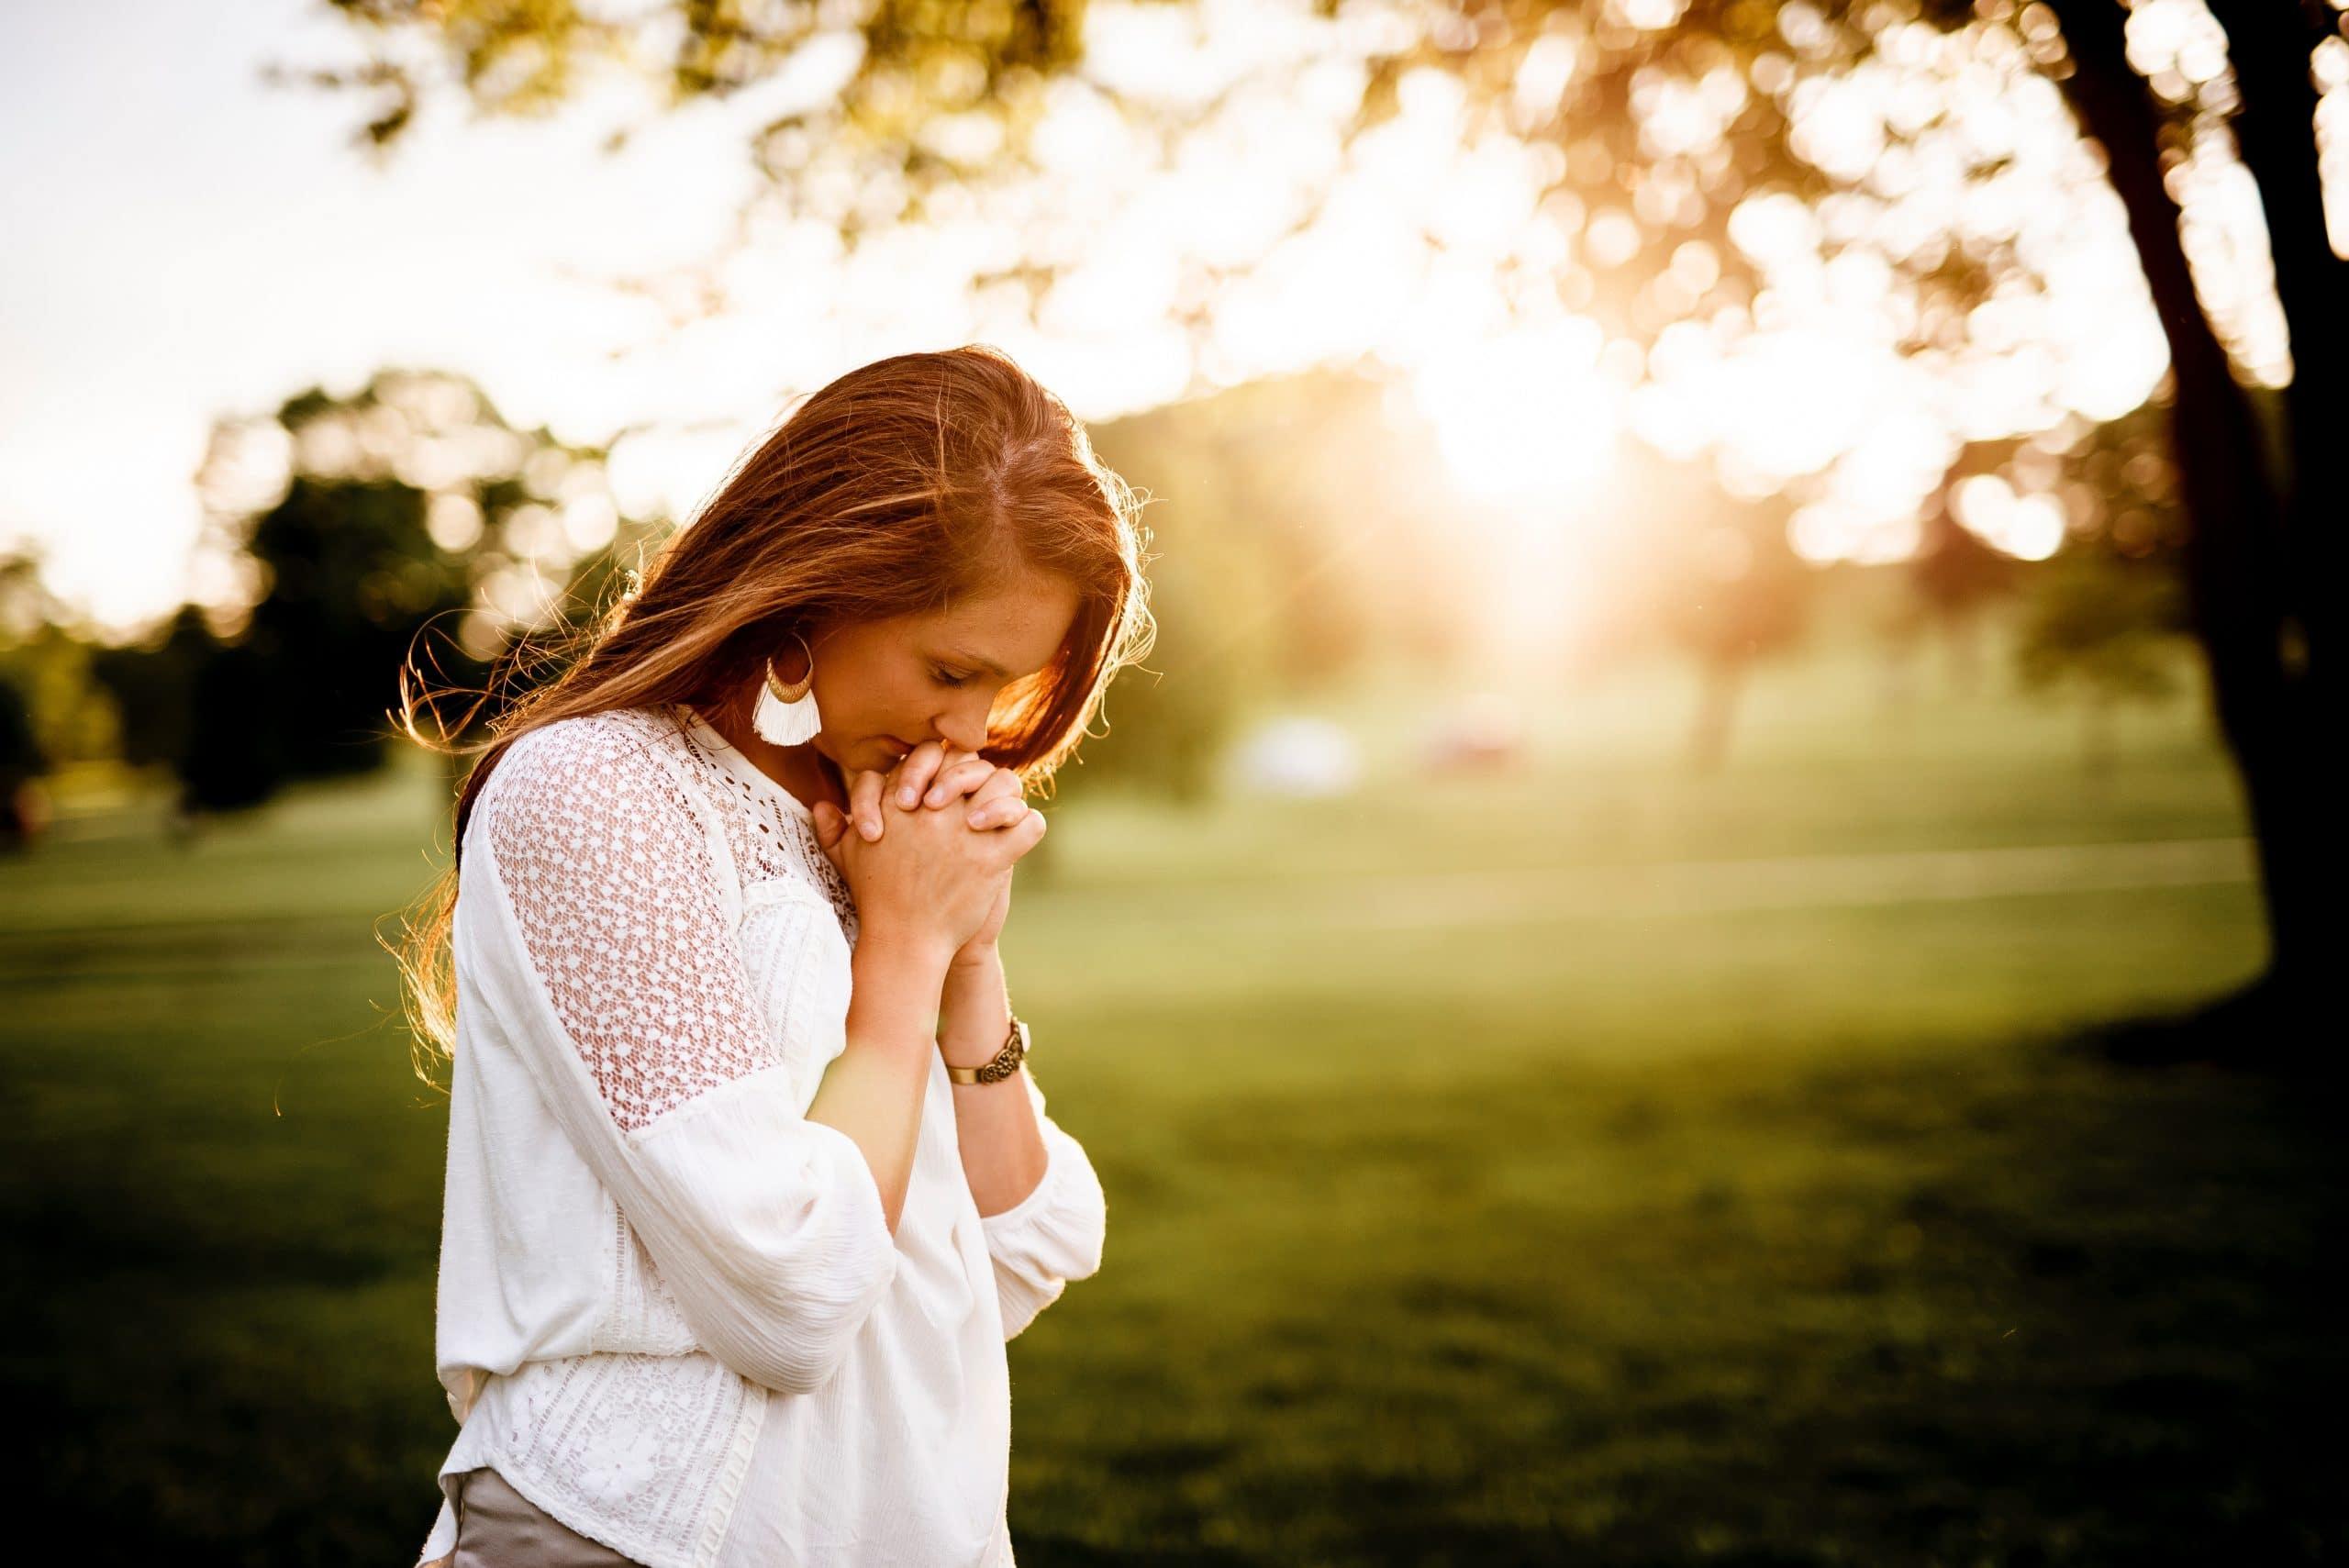 Mulher com a cabeça baixa e as mãos em oração no meio de um parque ensolarado.